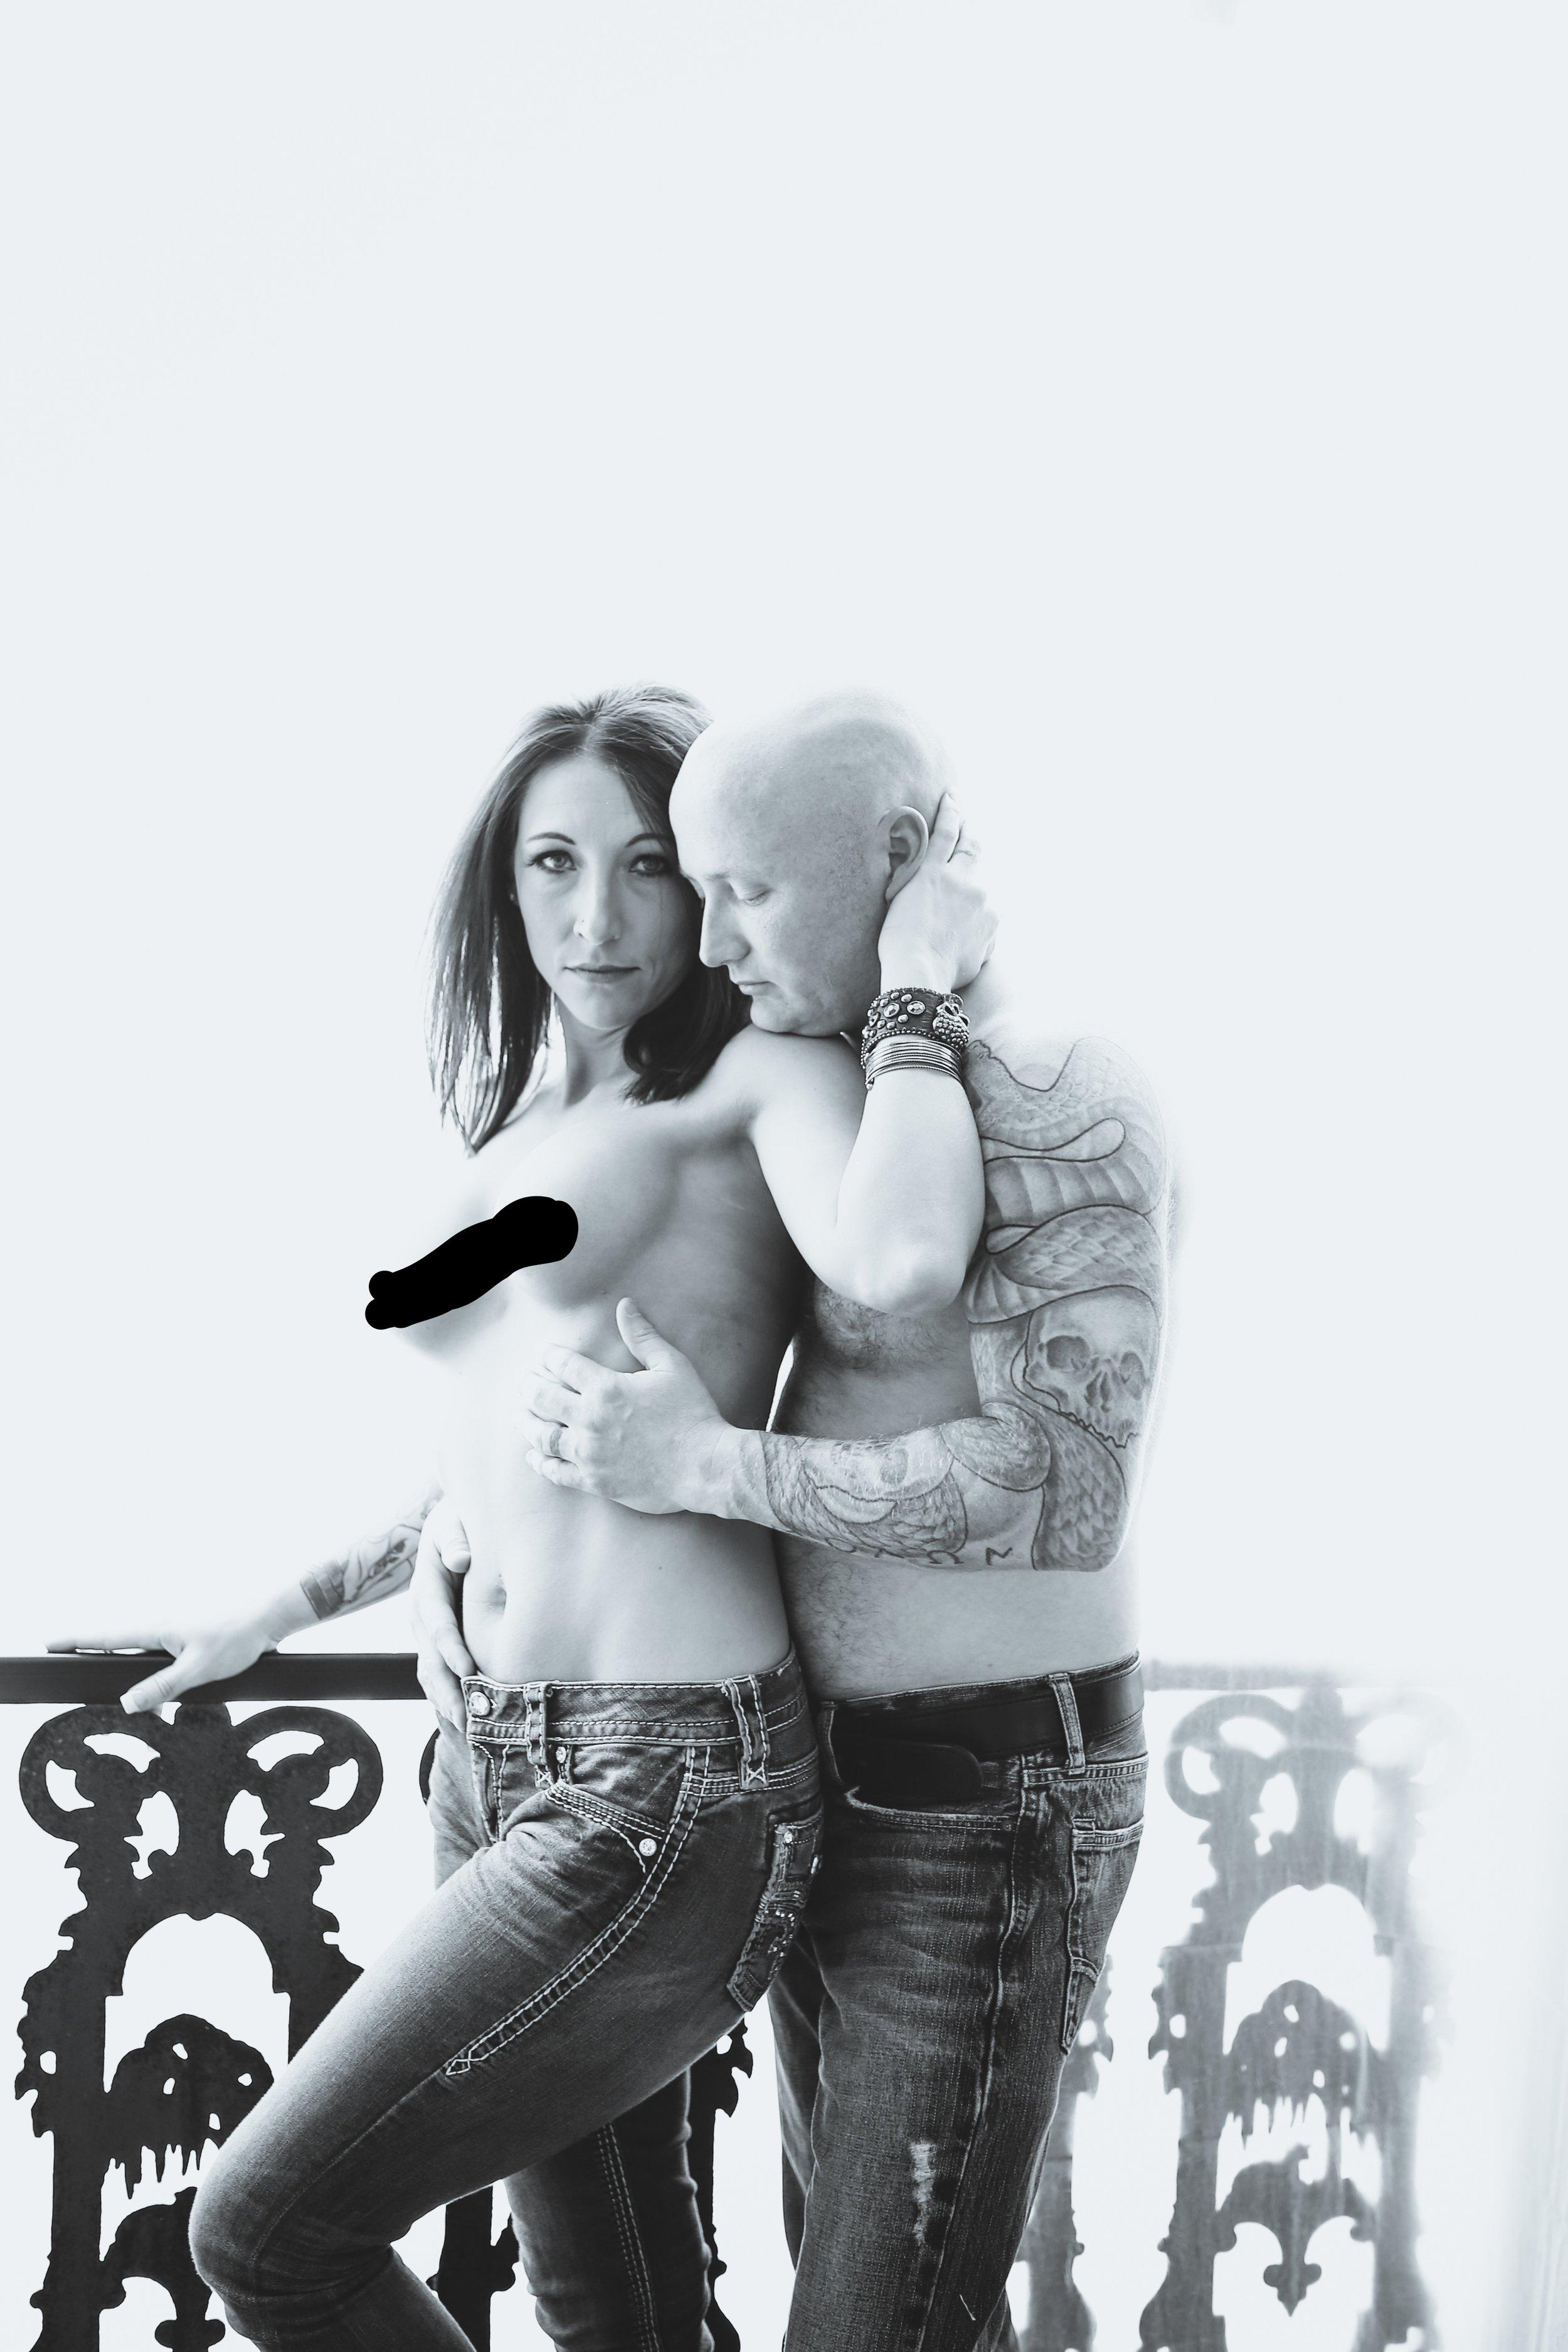 tattooed nude